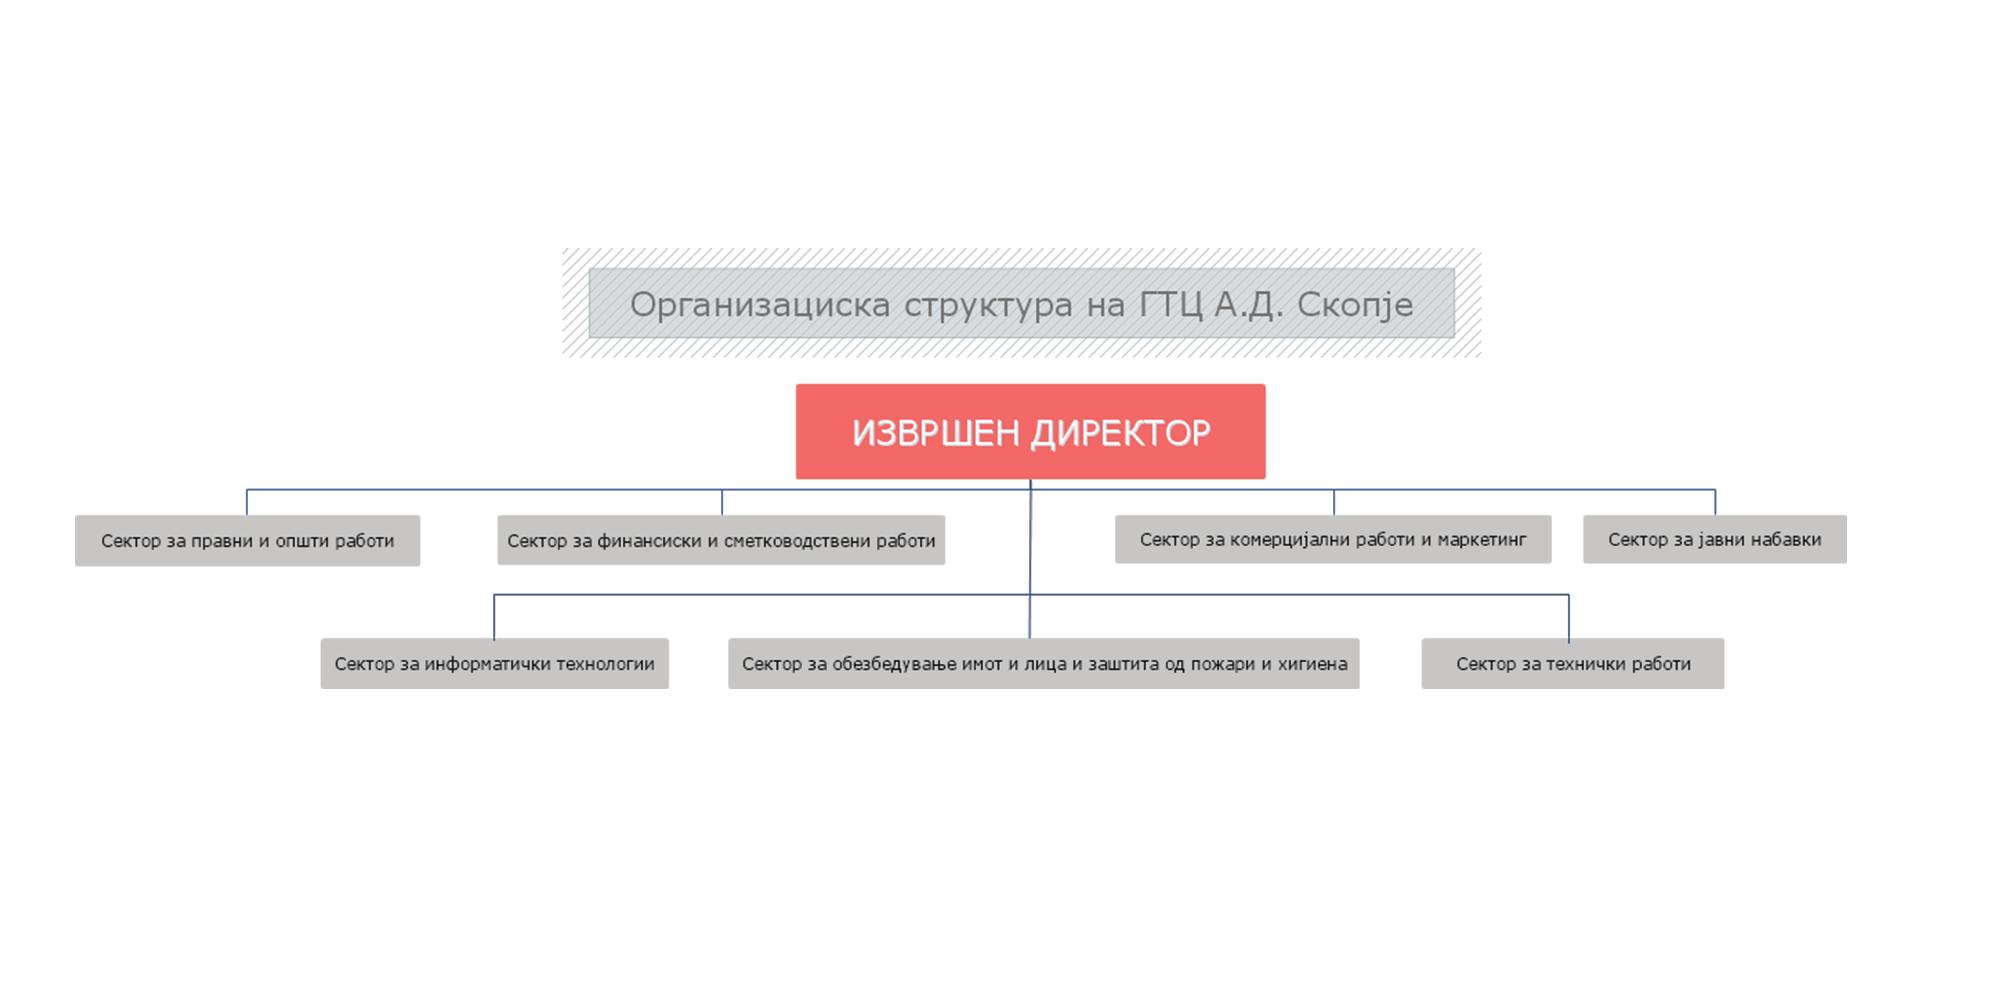 Organizaciska-struktura-na-GTC-A.D.-Skopje